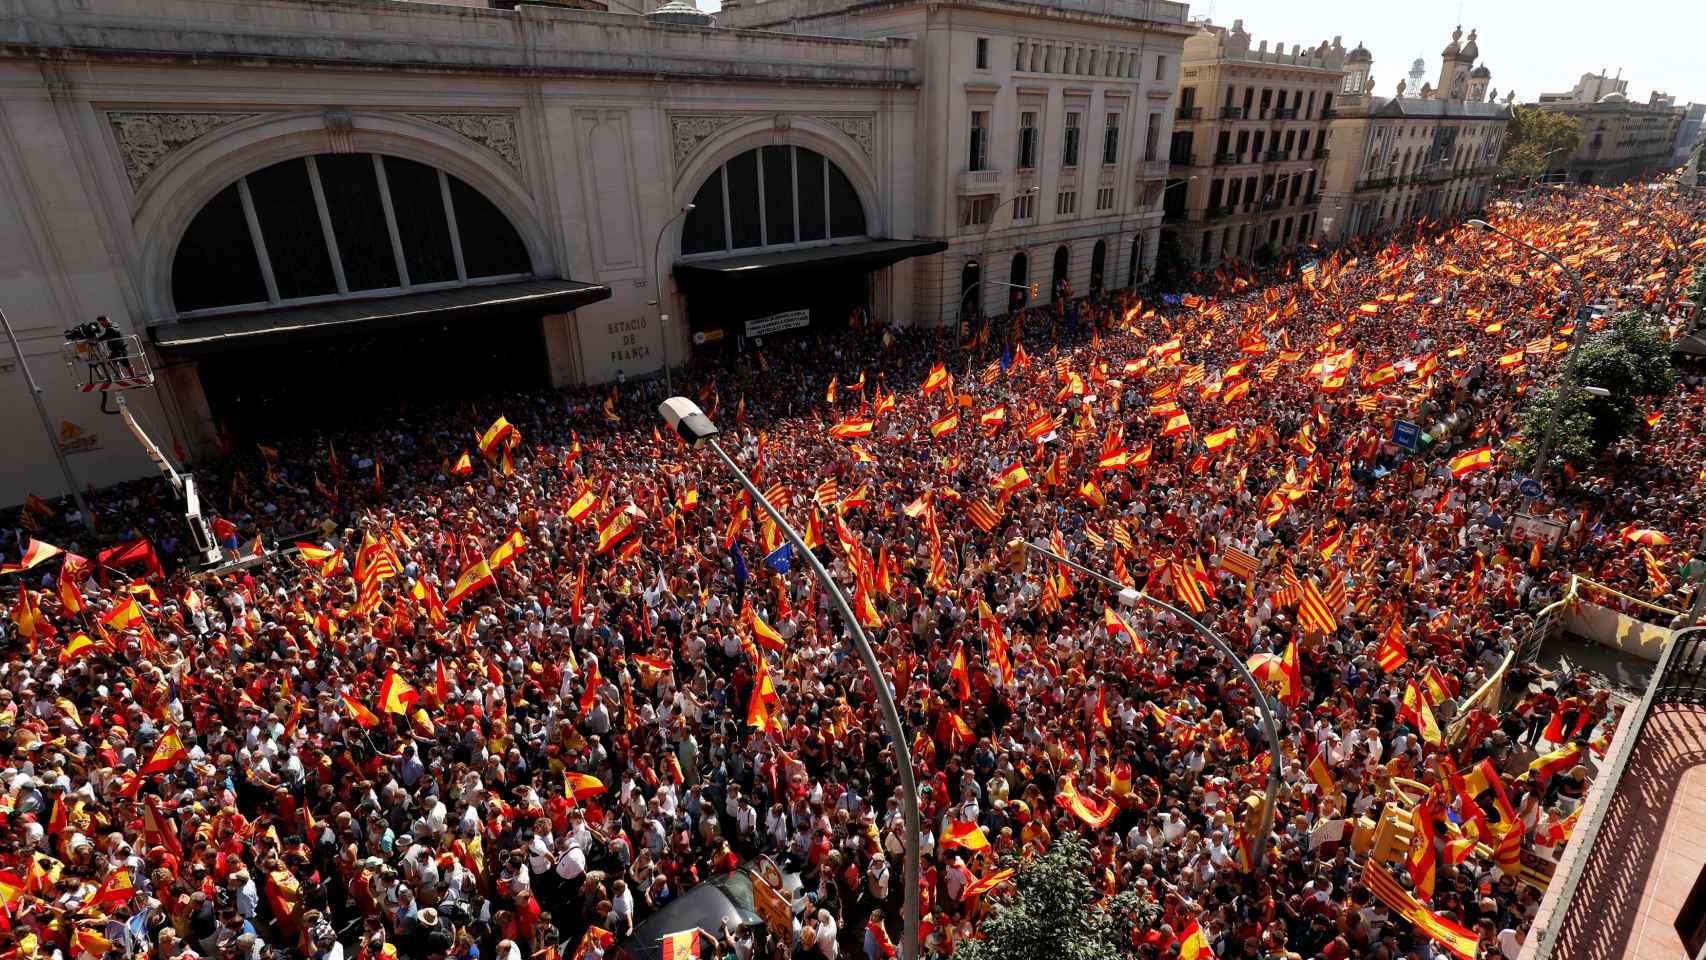 Miles de personas en el punto final de la marcha. SCC cifró la asistencia en 950.000 personas.